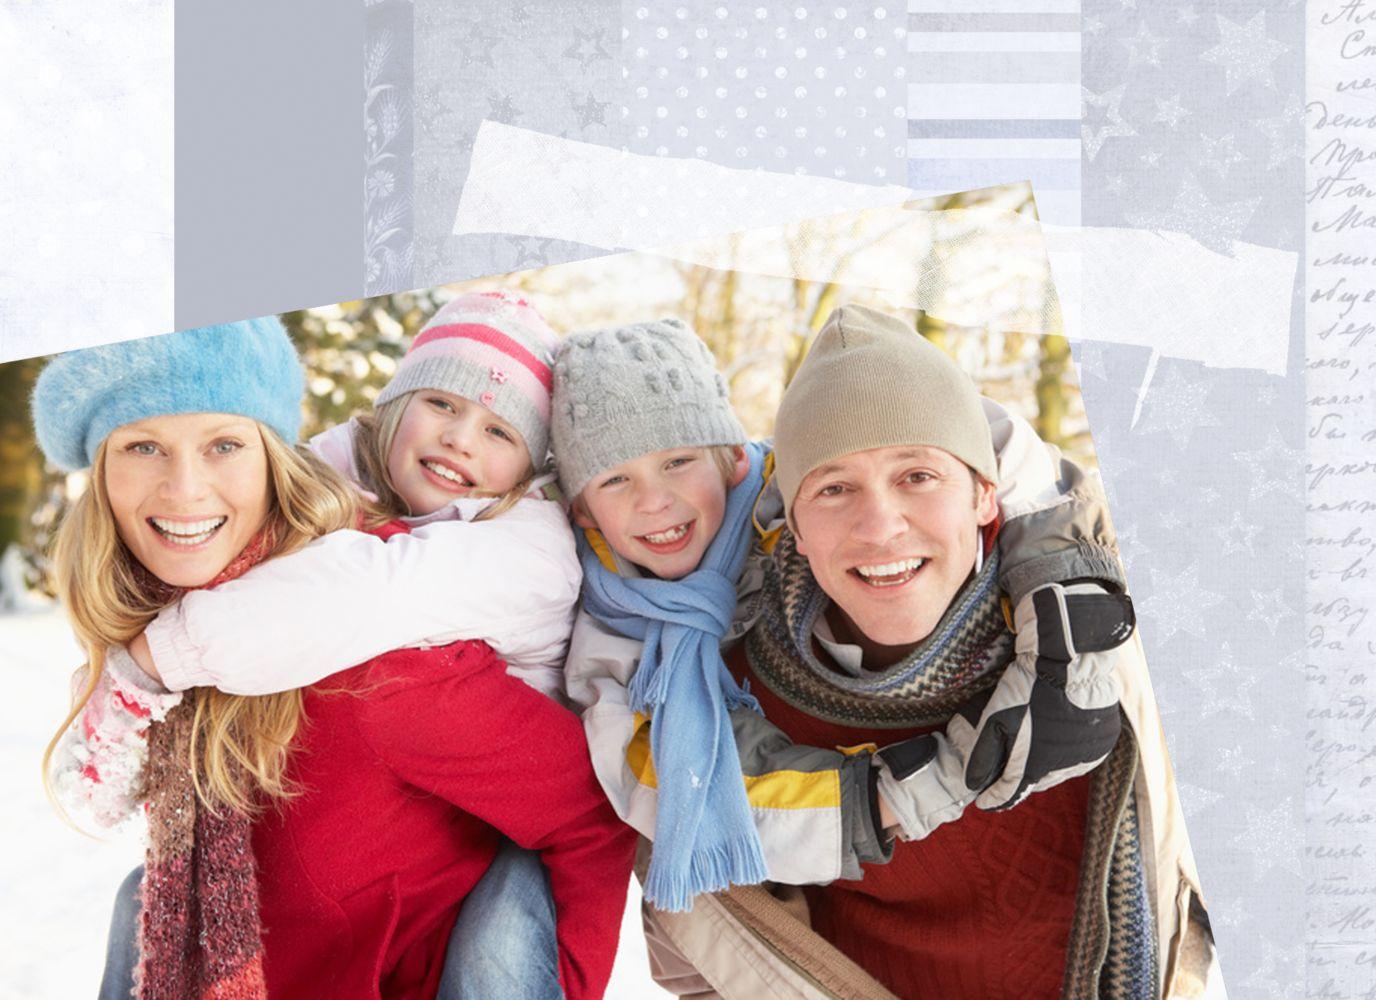 Ansicht 4 - Foto Grußkarte Geschenkpapier